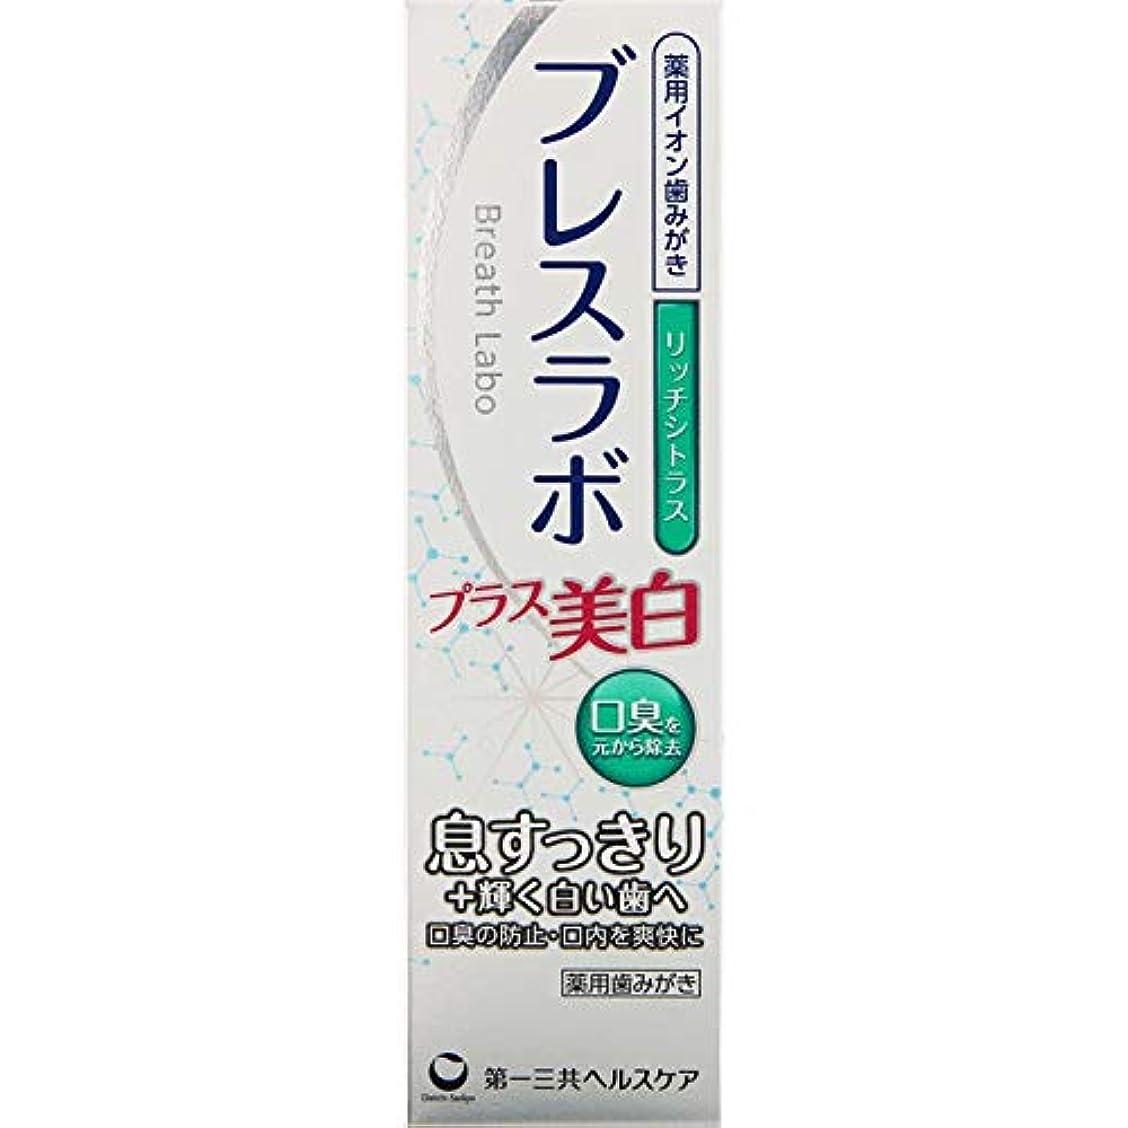 溶岩反論者スピーカー【4個セット】ブレスラボ プラス美白 リッチシトラス 90g